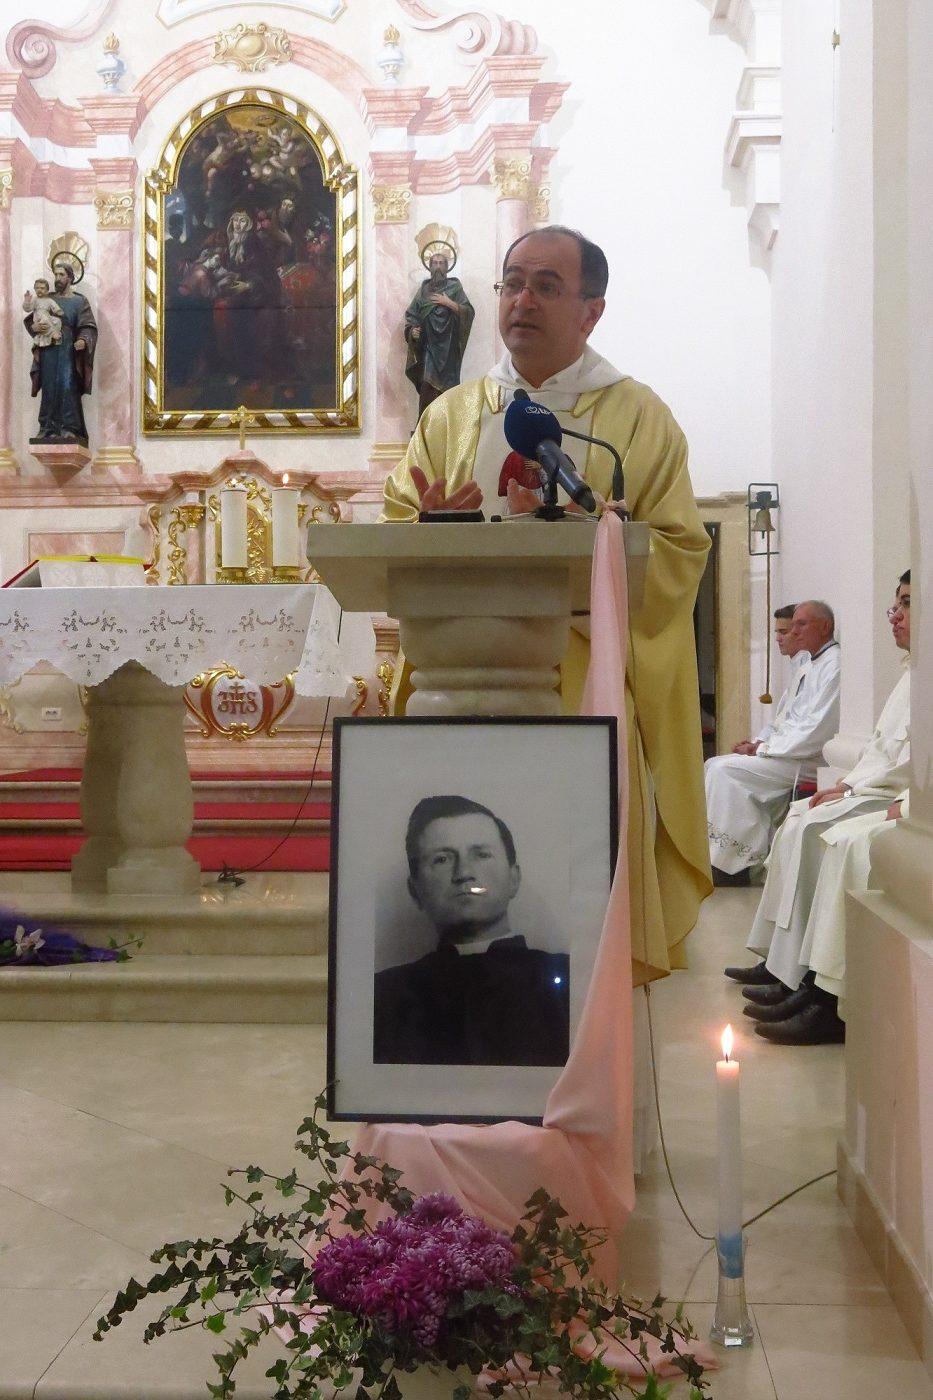 002-fr-anto-gavric-propovijeda-knjizevni-kranjcic